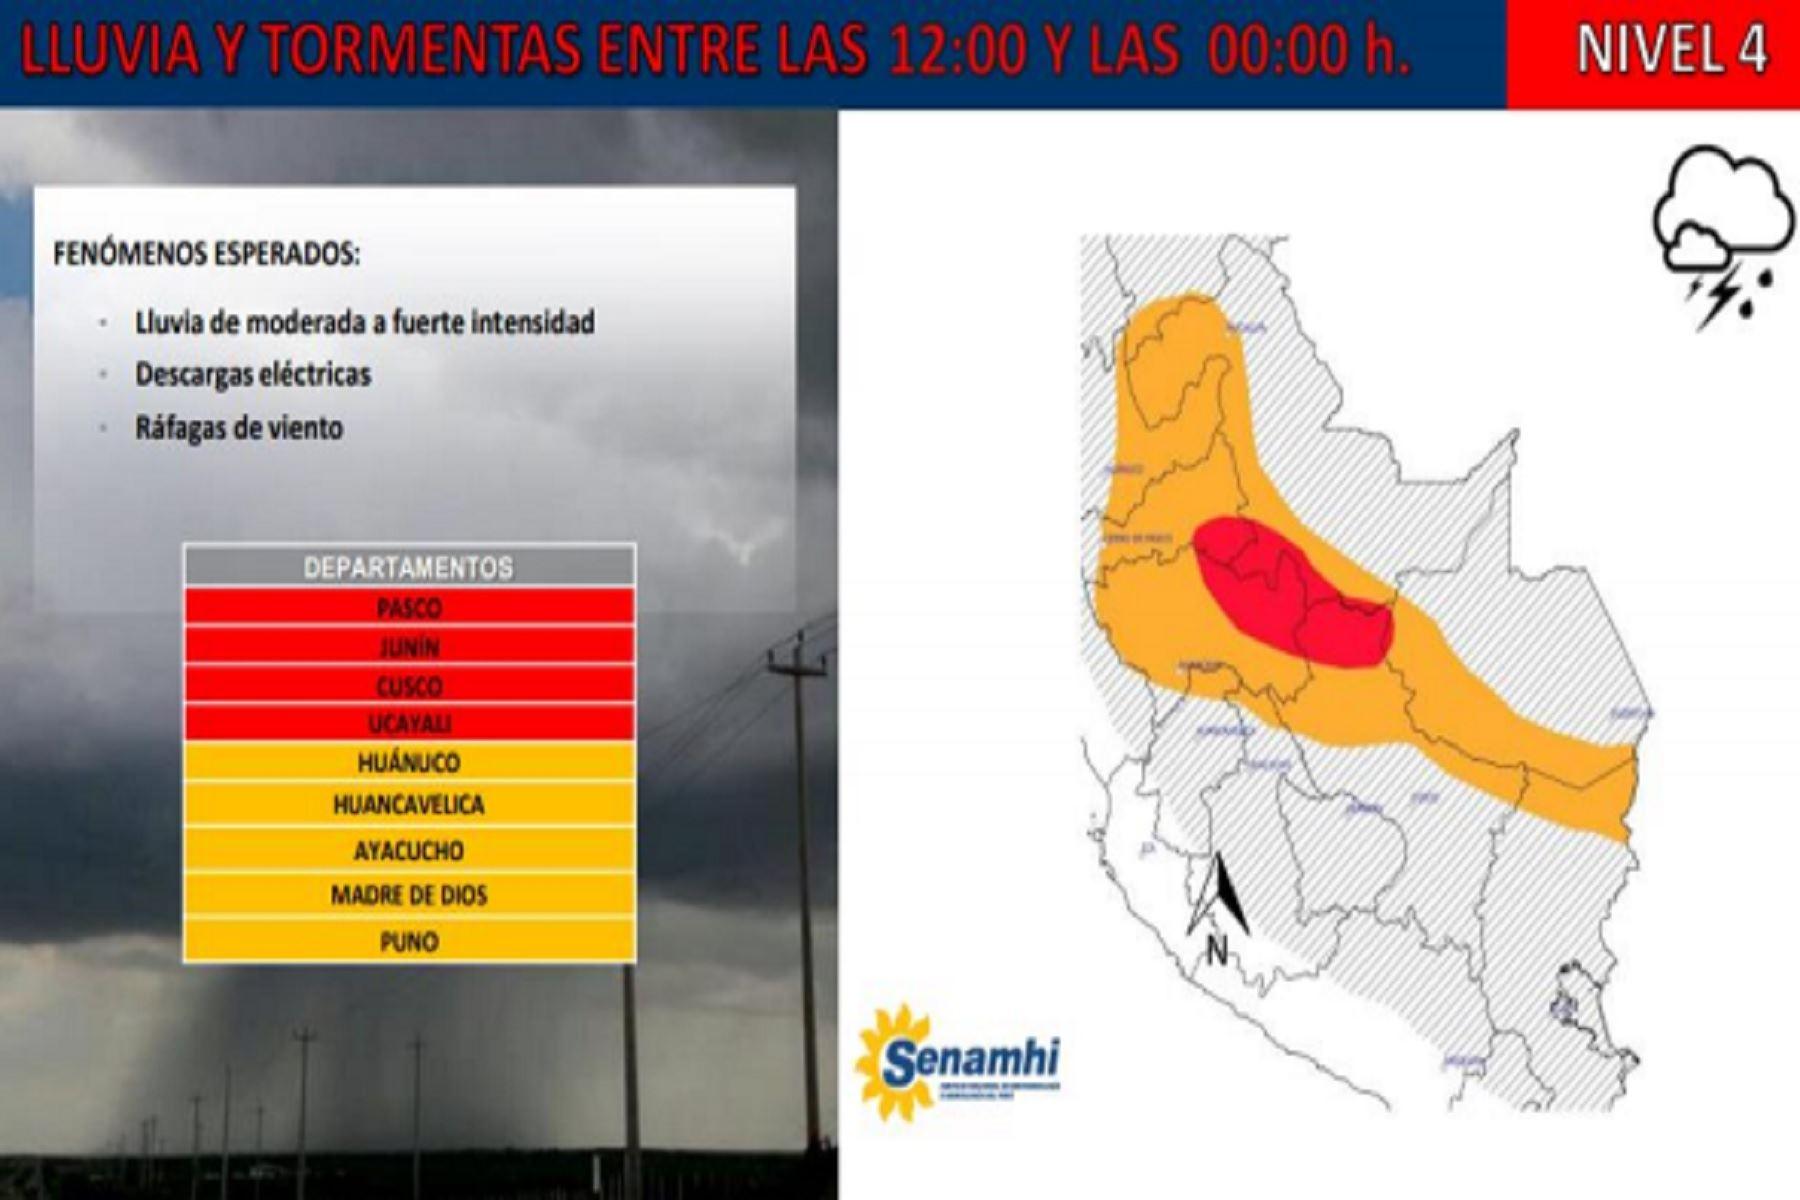 Lluvias de menor intensidad se presentarán en las regiones Huánuco, Huancavelica, Ayacucho, Madre de Dios y Puno.